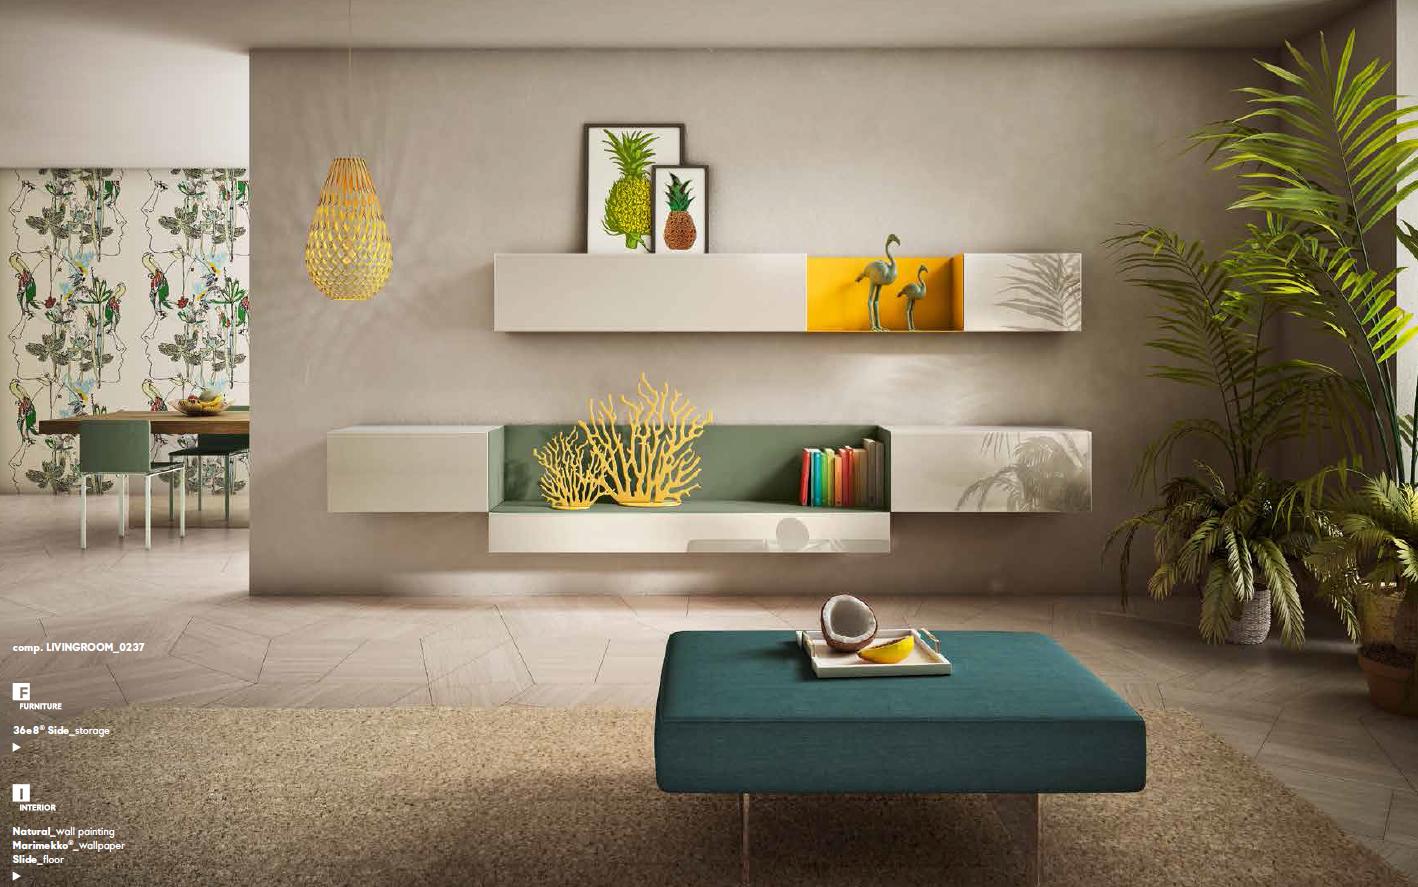 Composition Meuble Tv Avec Niche En Verre Color Salvia Et Pouf  # Meuble Tv Avec Niche